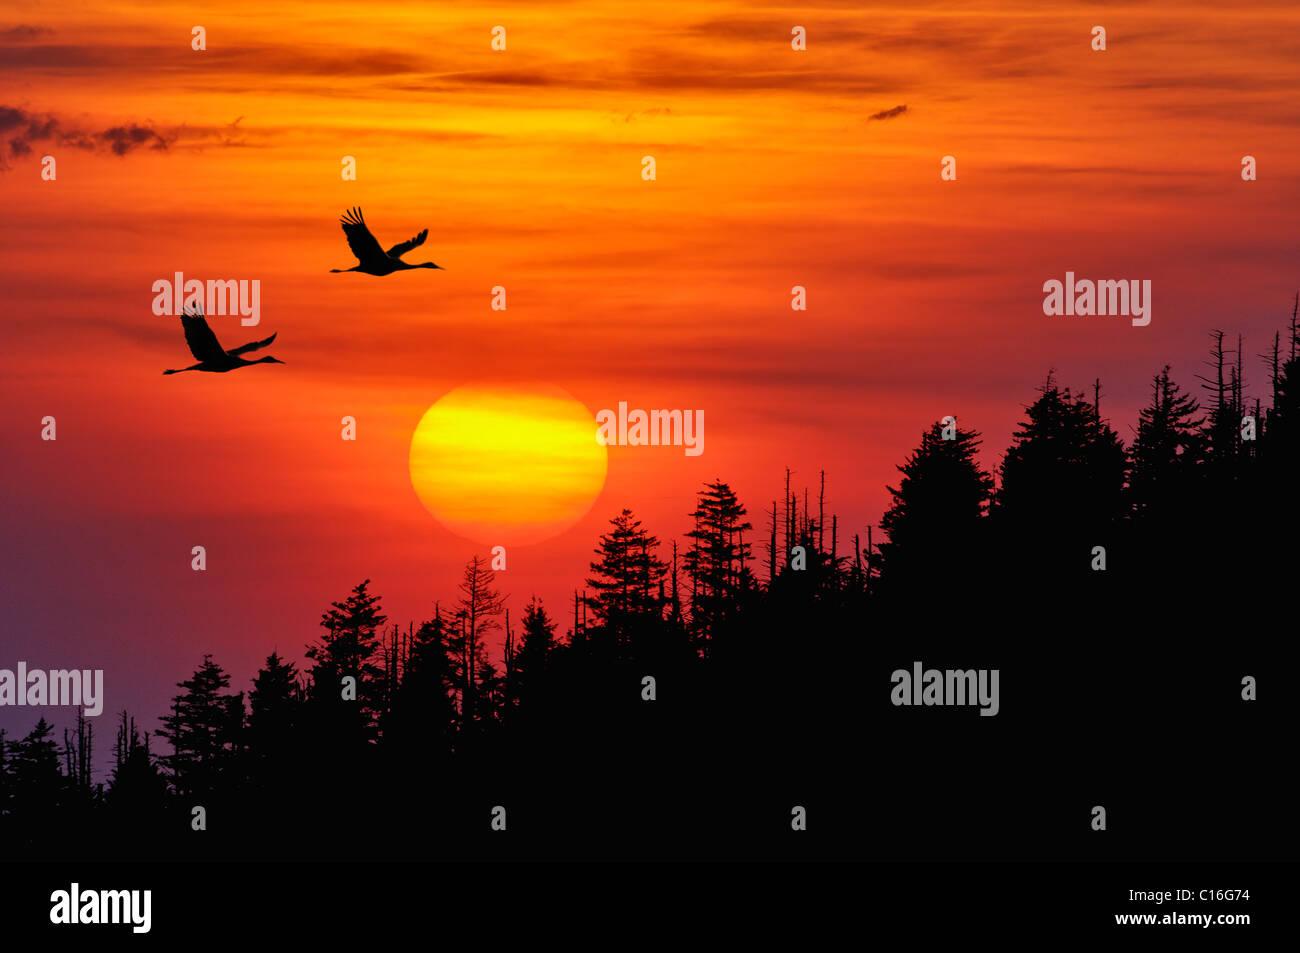 Kraniche Silhouette Fliegen gegen einen Sonnenuntergang in den Smoky Mountains Nationalpark in Tennessee Stockbild